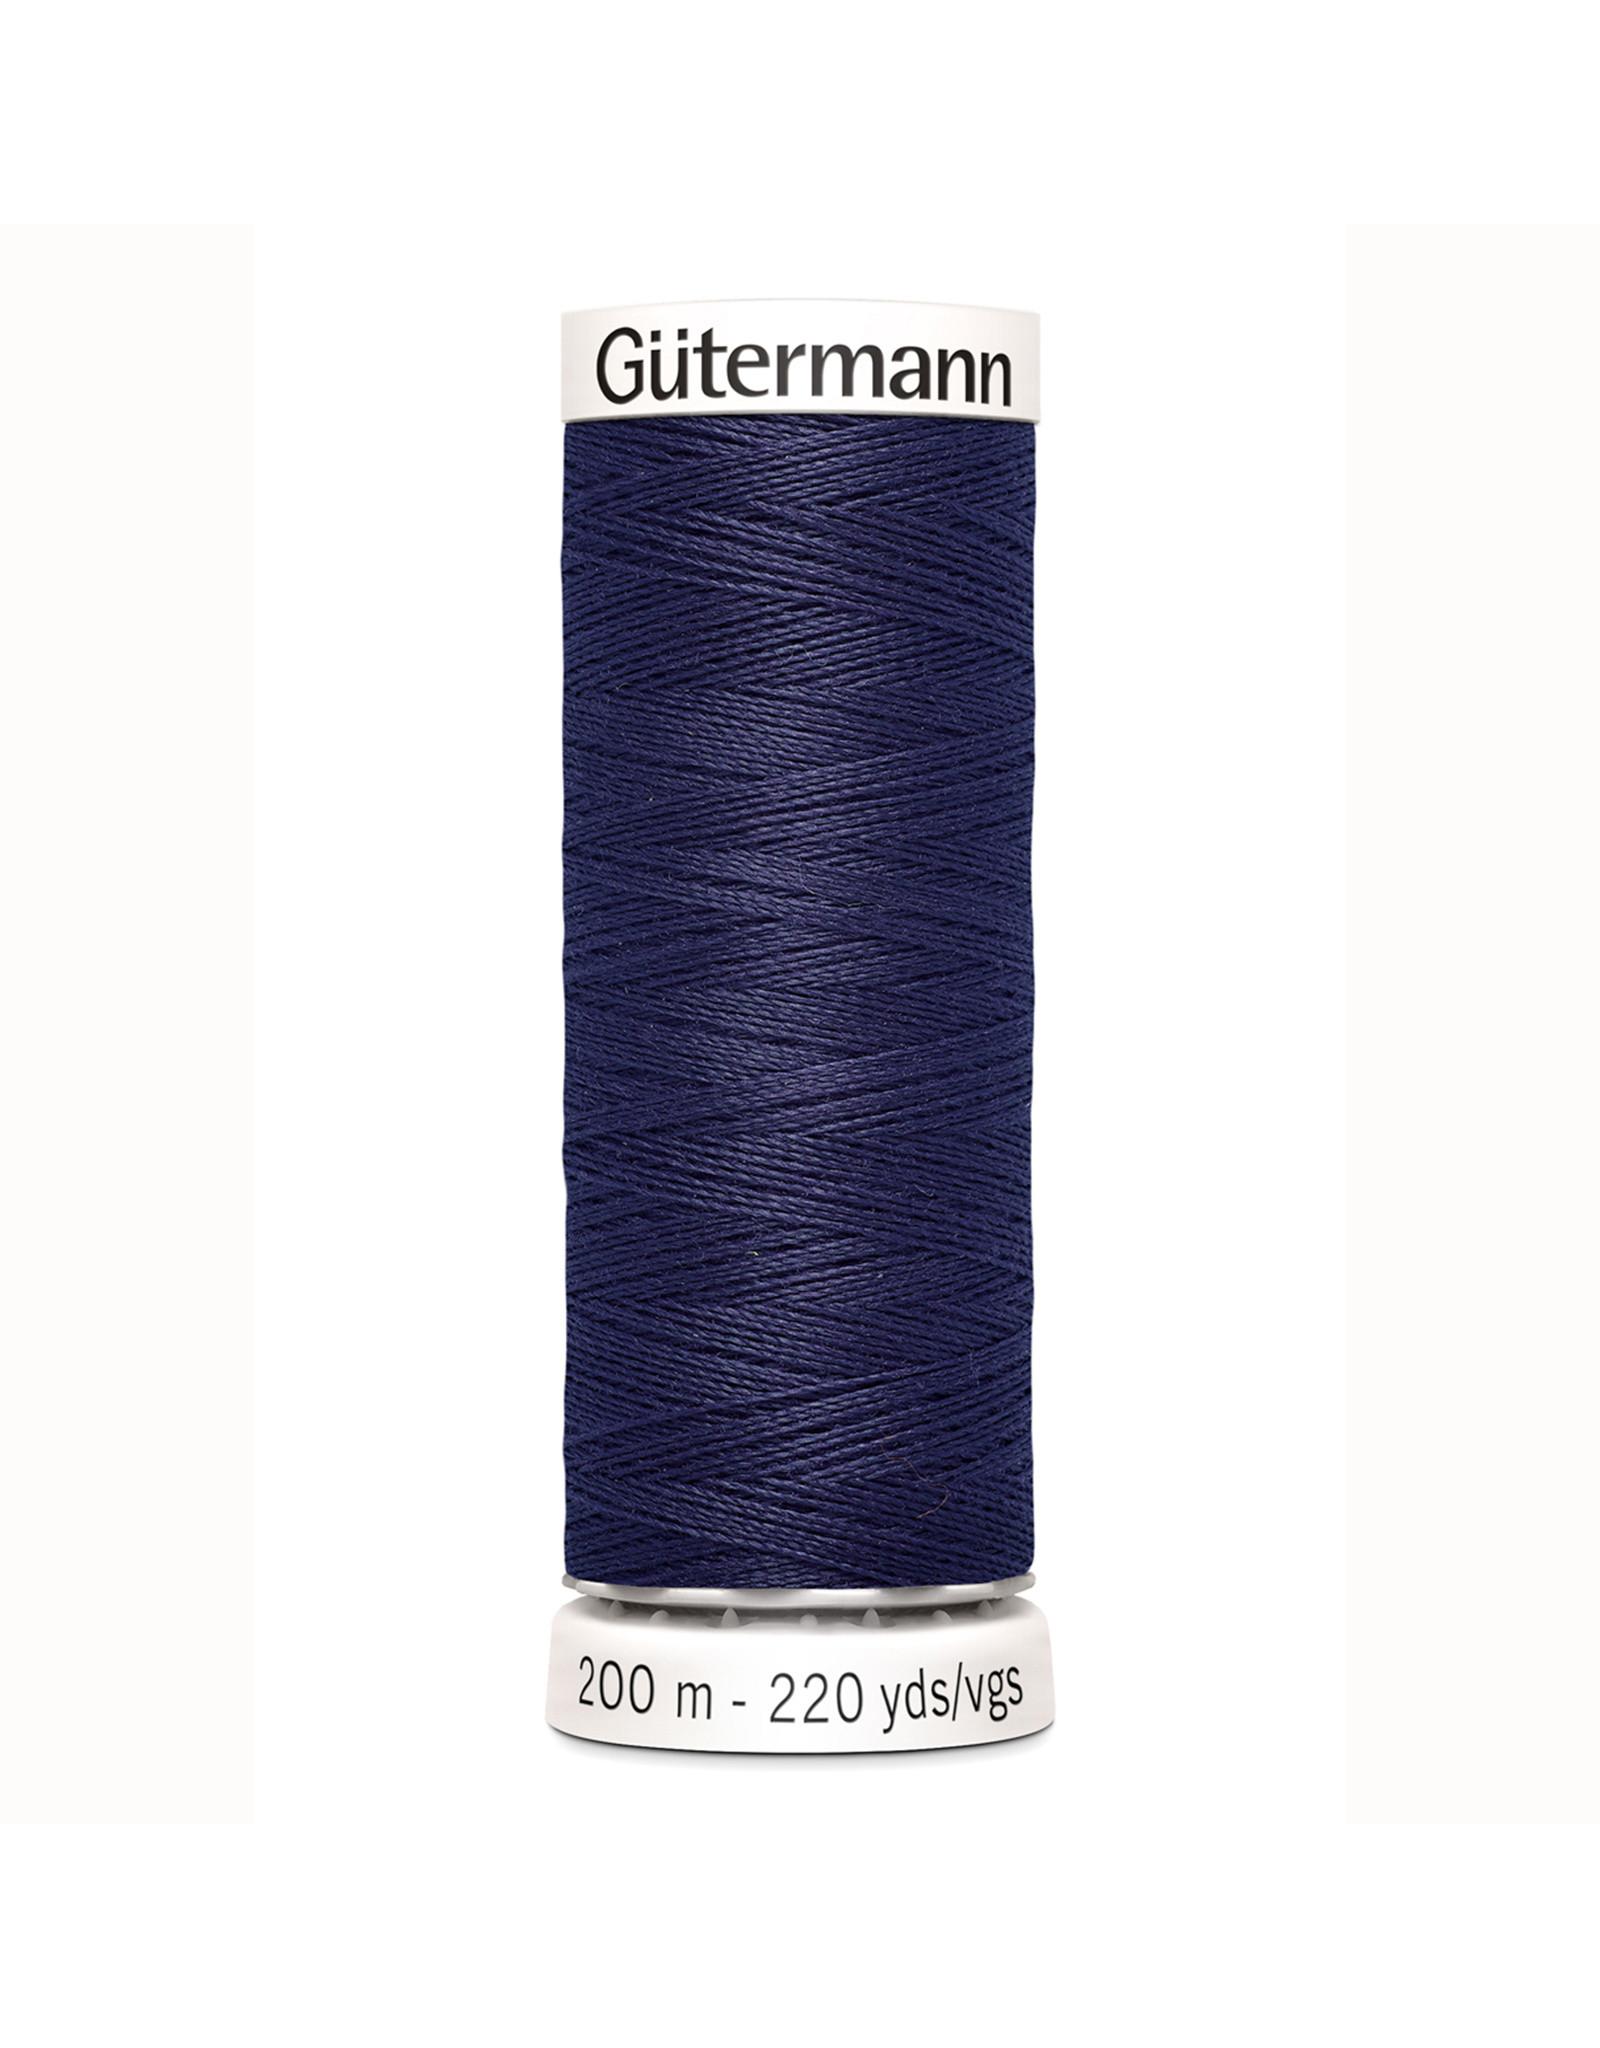 Gütermann Gütermann Nähgarn 200 m - nr 575